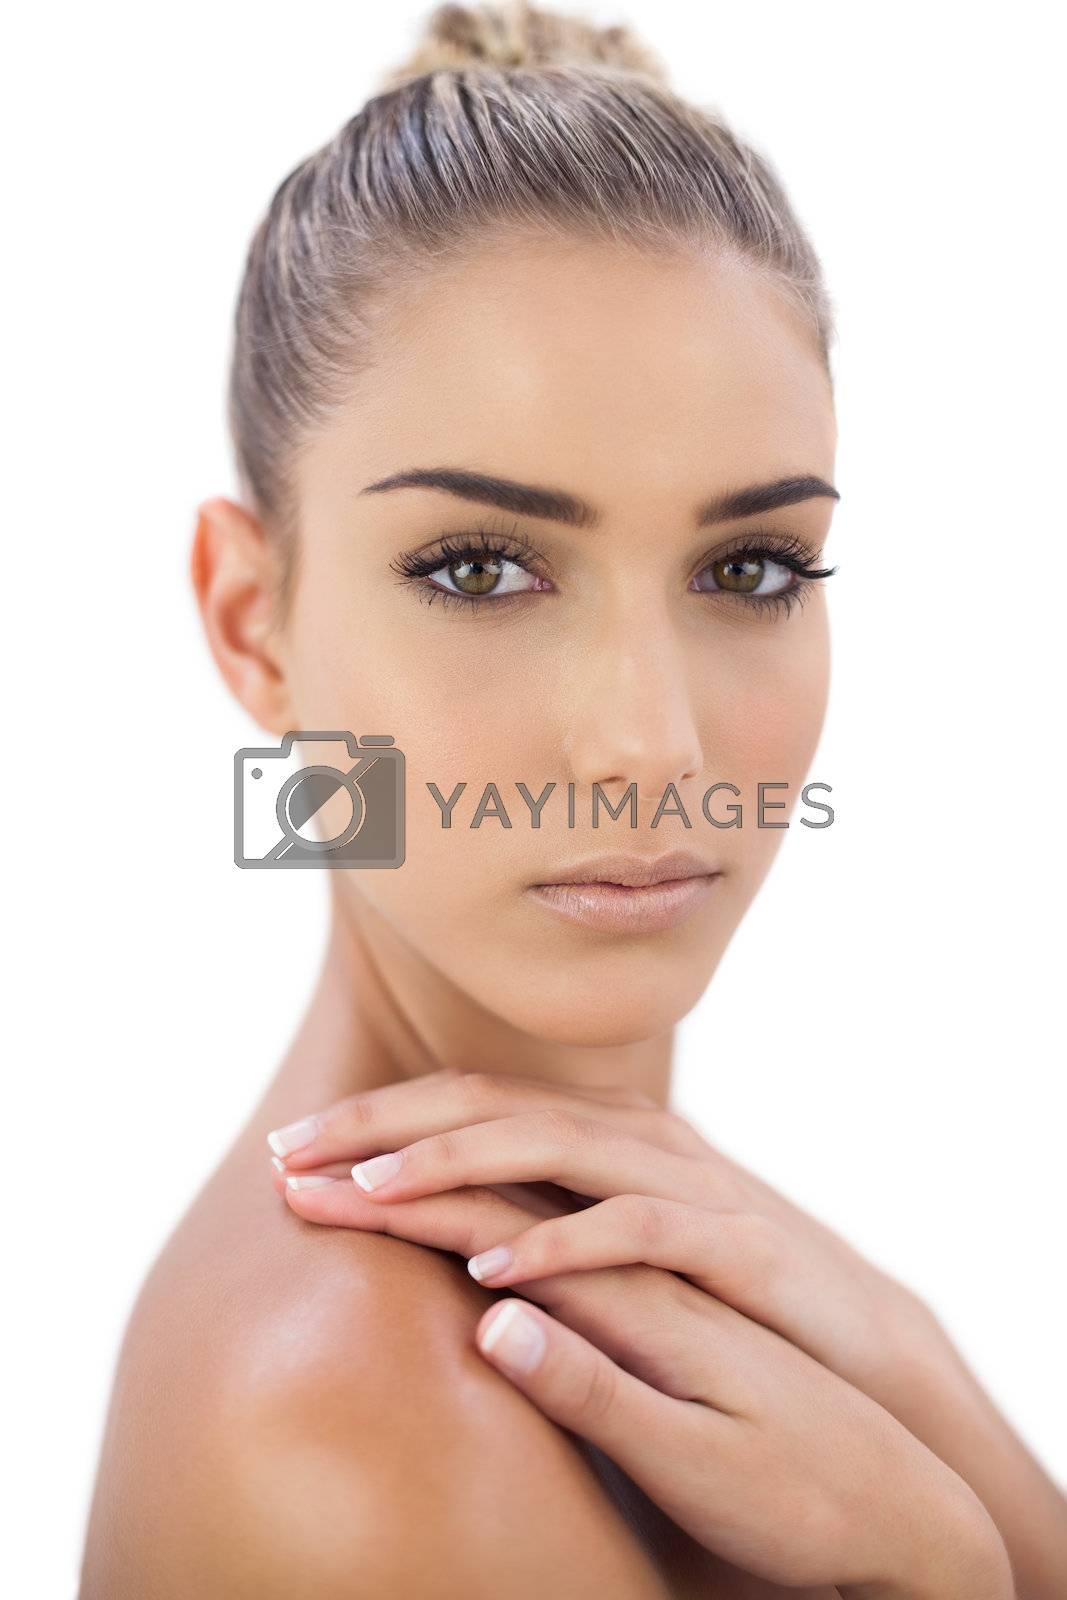 Serious woman looking  by Wavebreakmedia